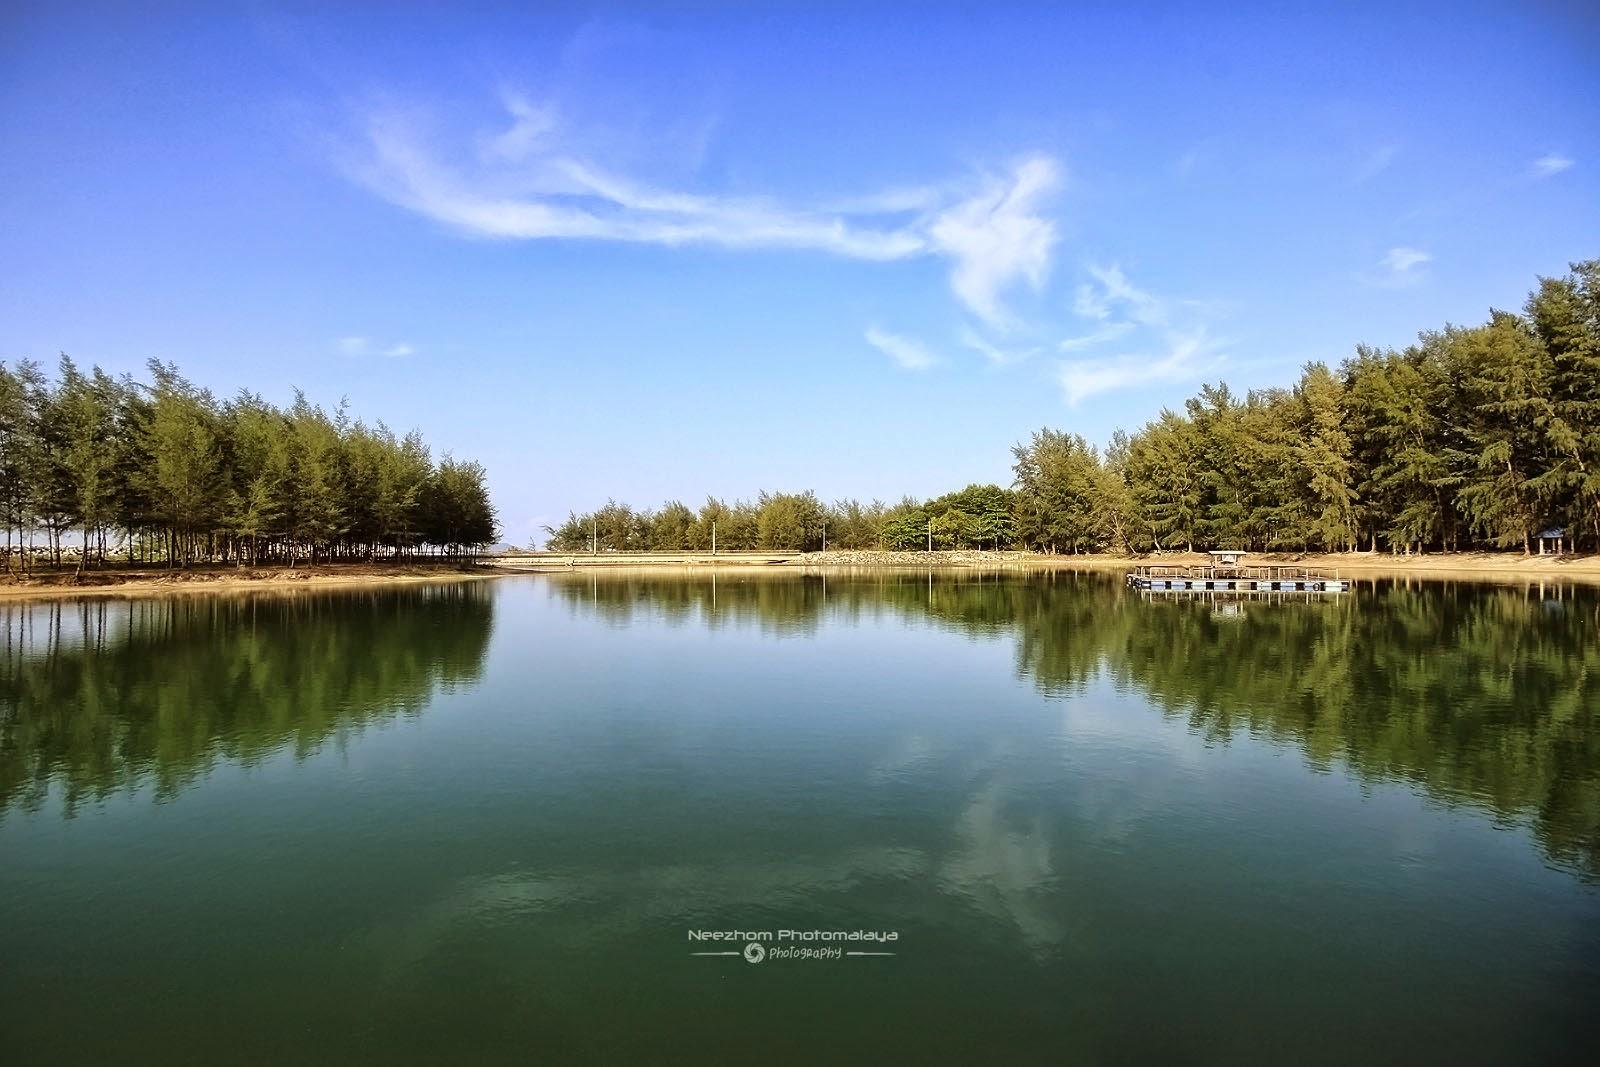 Lagun di Pantai Merang